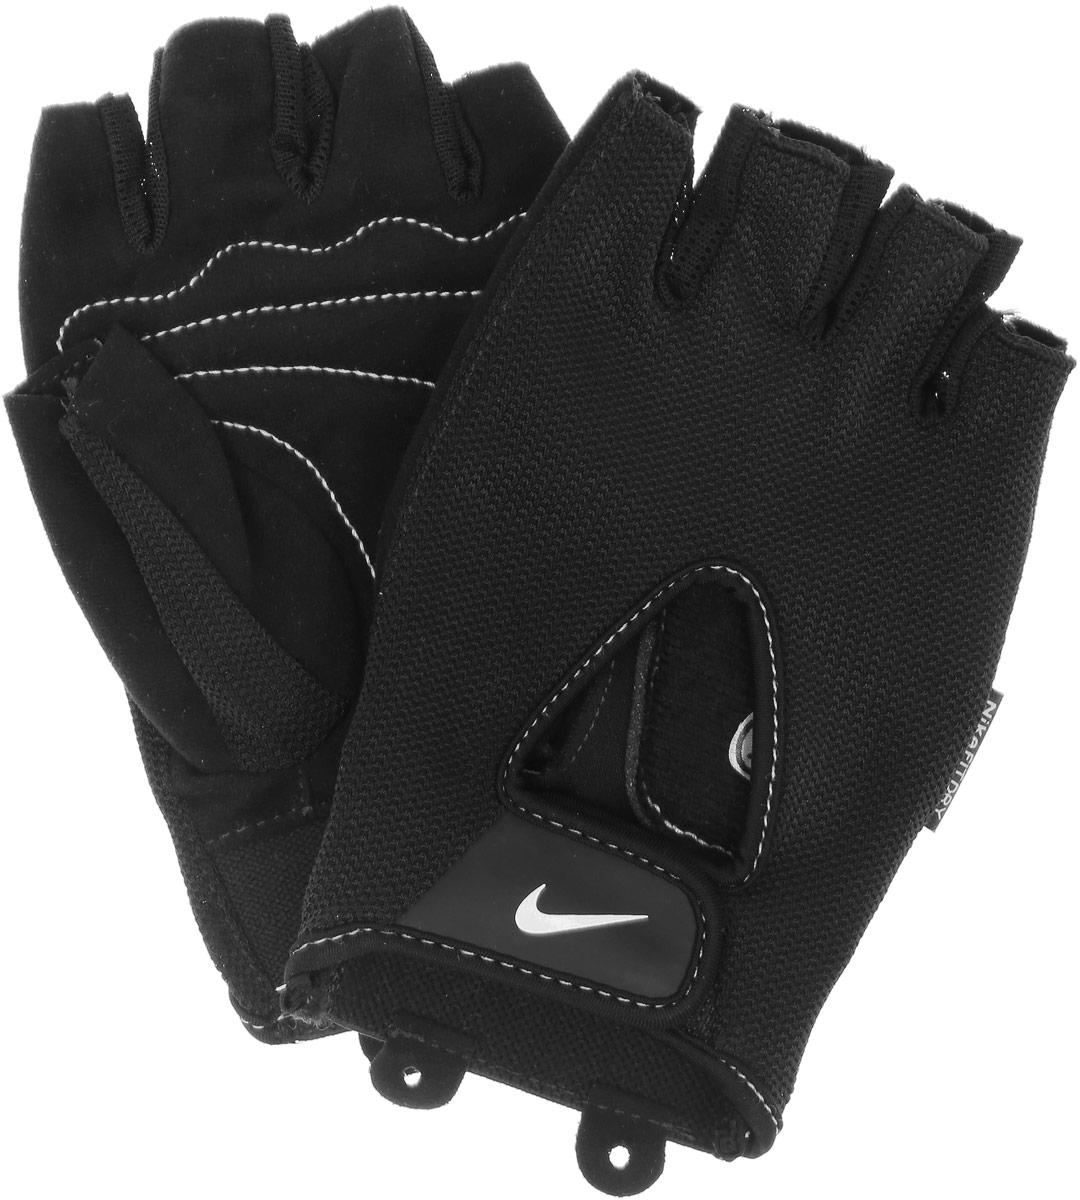 Перчатки для фитнеса мужские Nike Men's Fundamental Training Gloves, цвет: черный, белый. Размер M